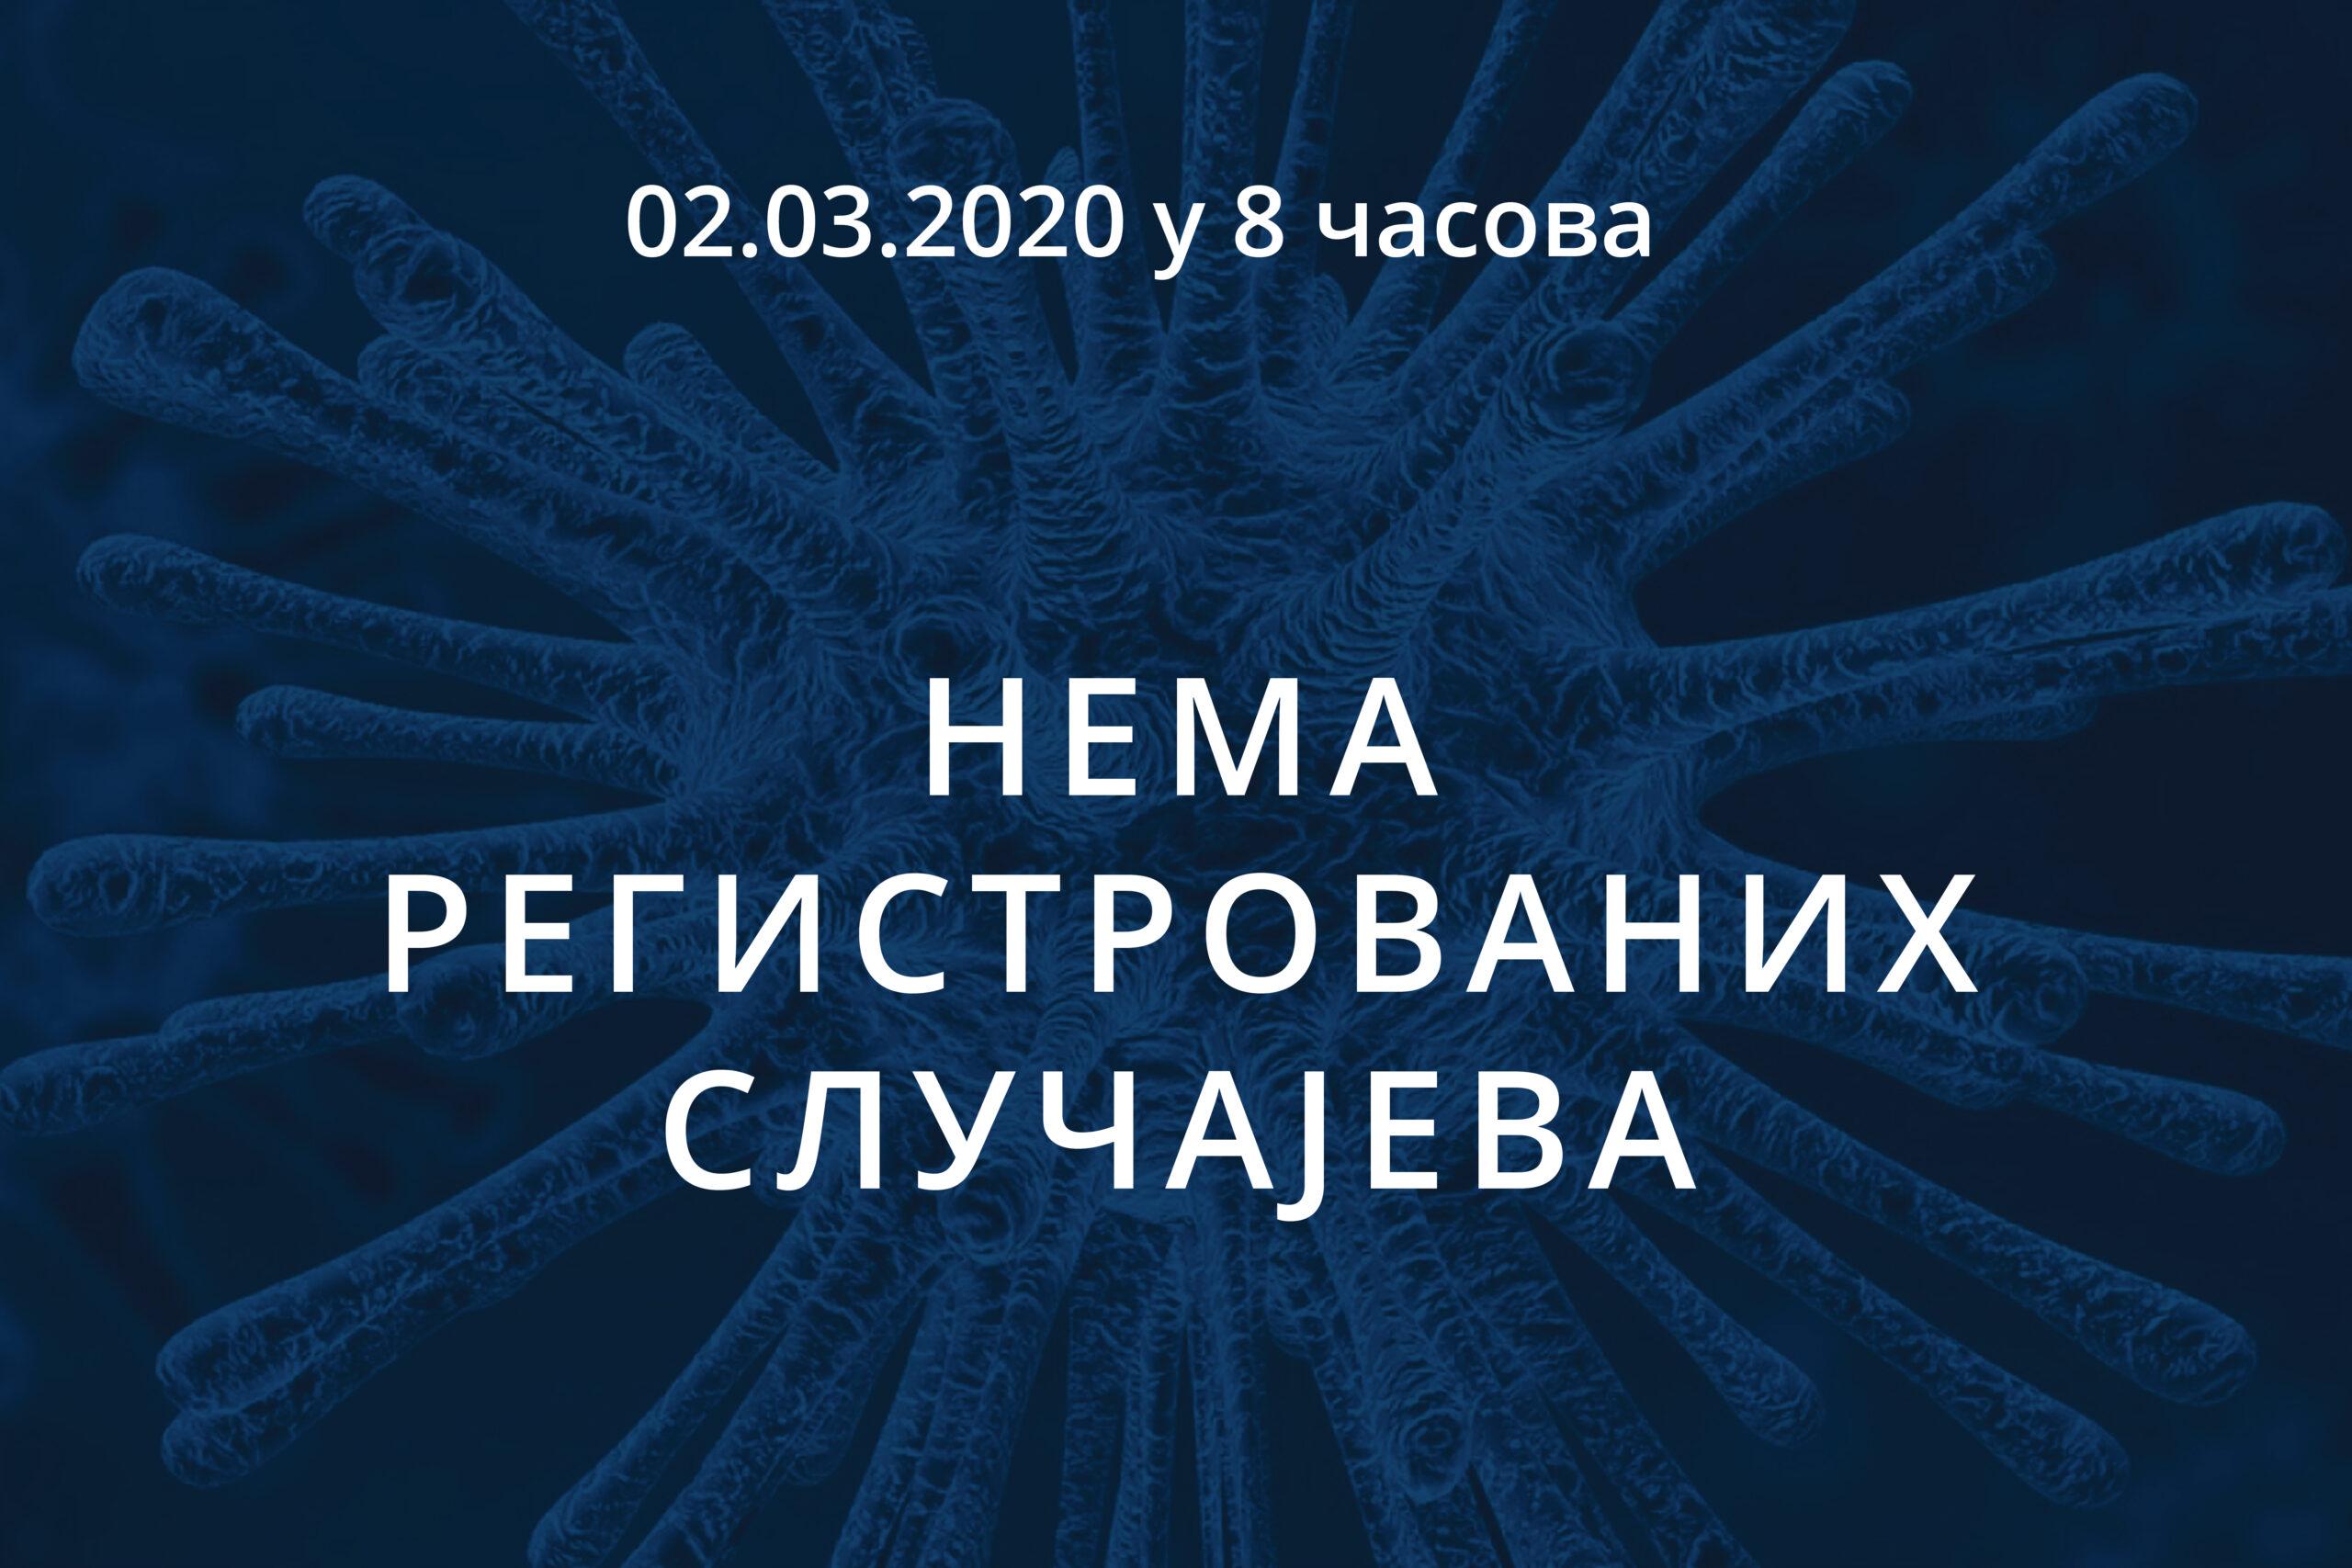 Информације о корона вирусу COVID-19, 02.03.2020 у 8 часова